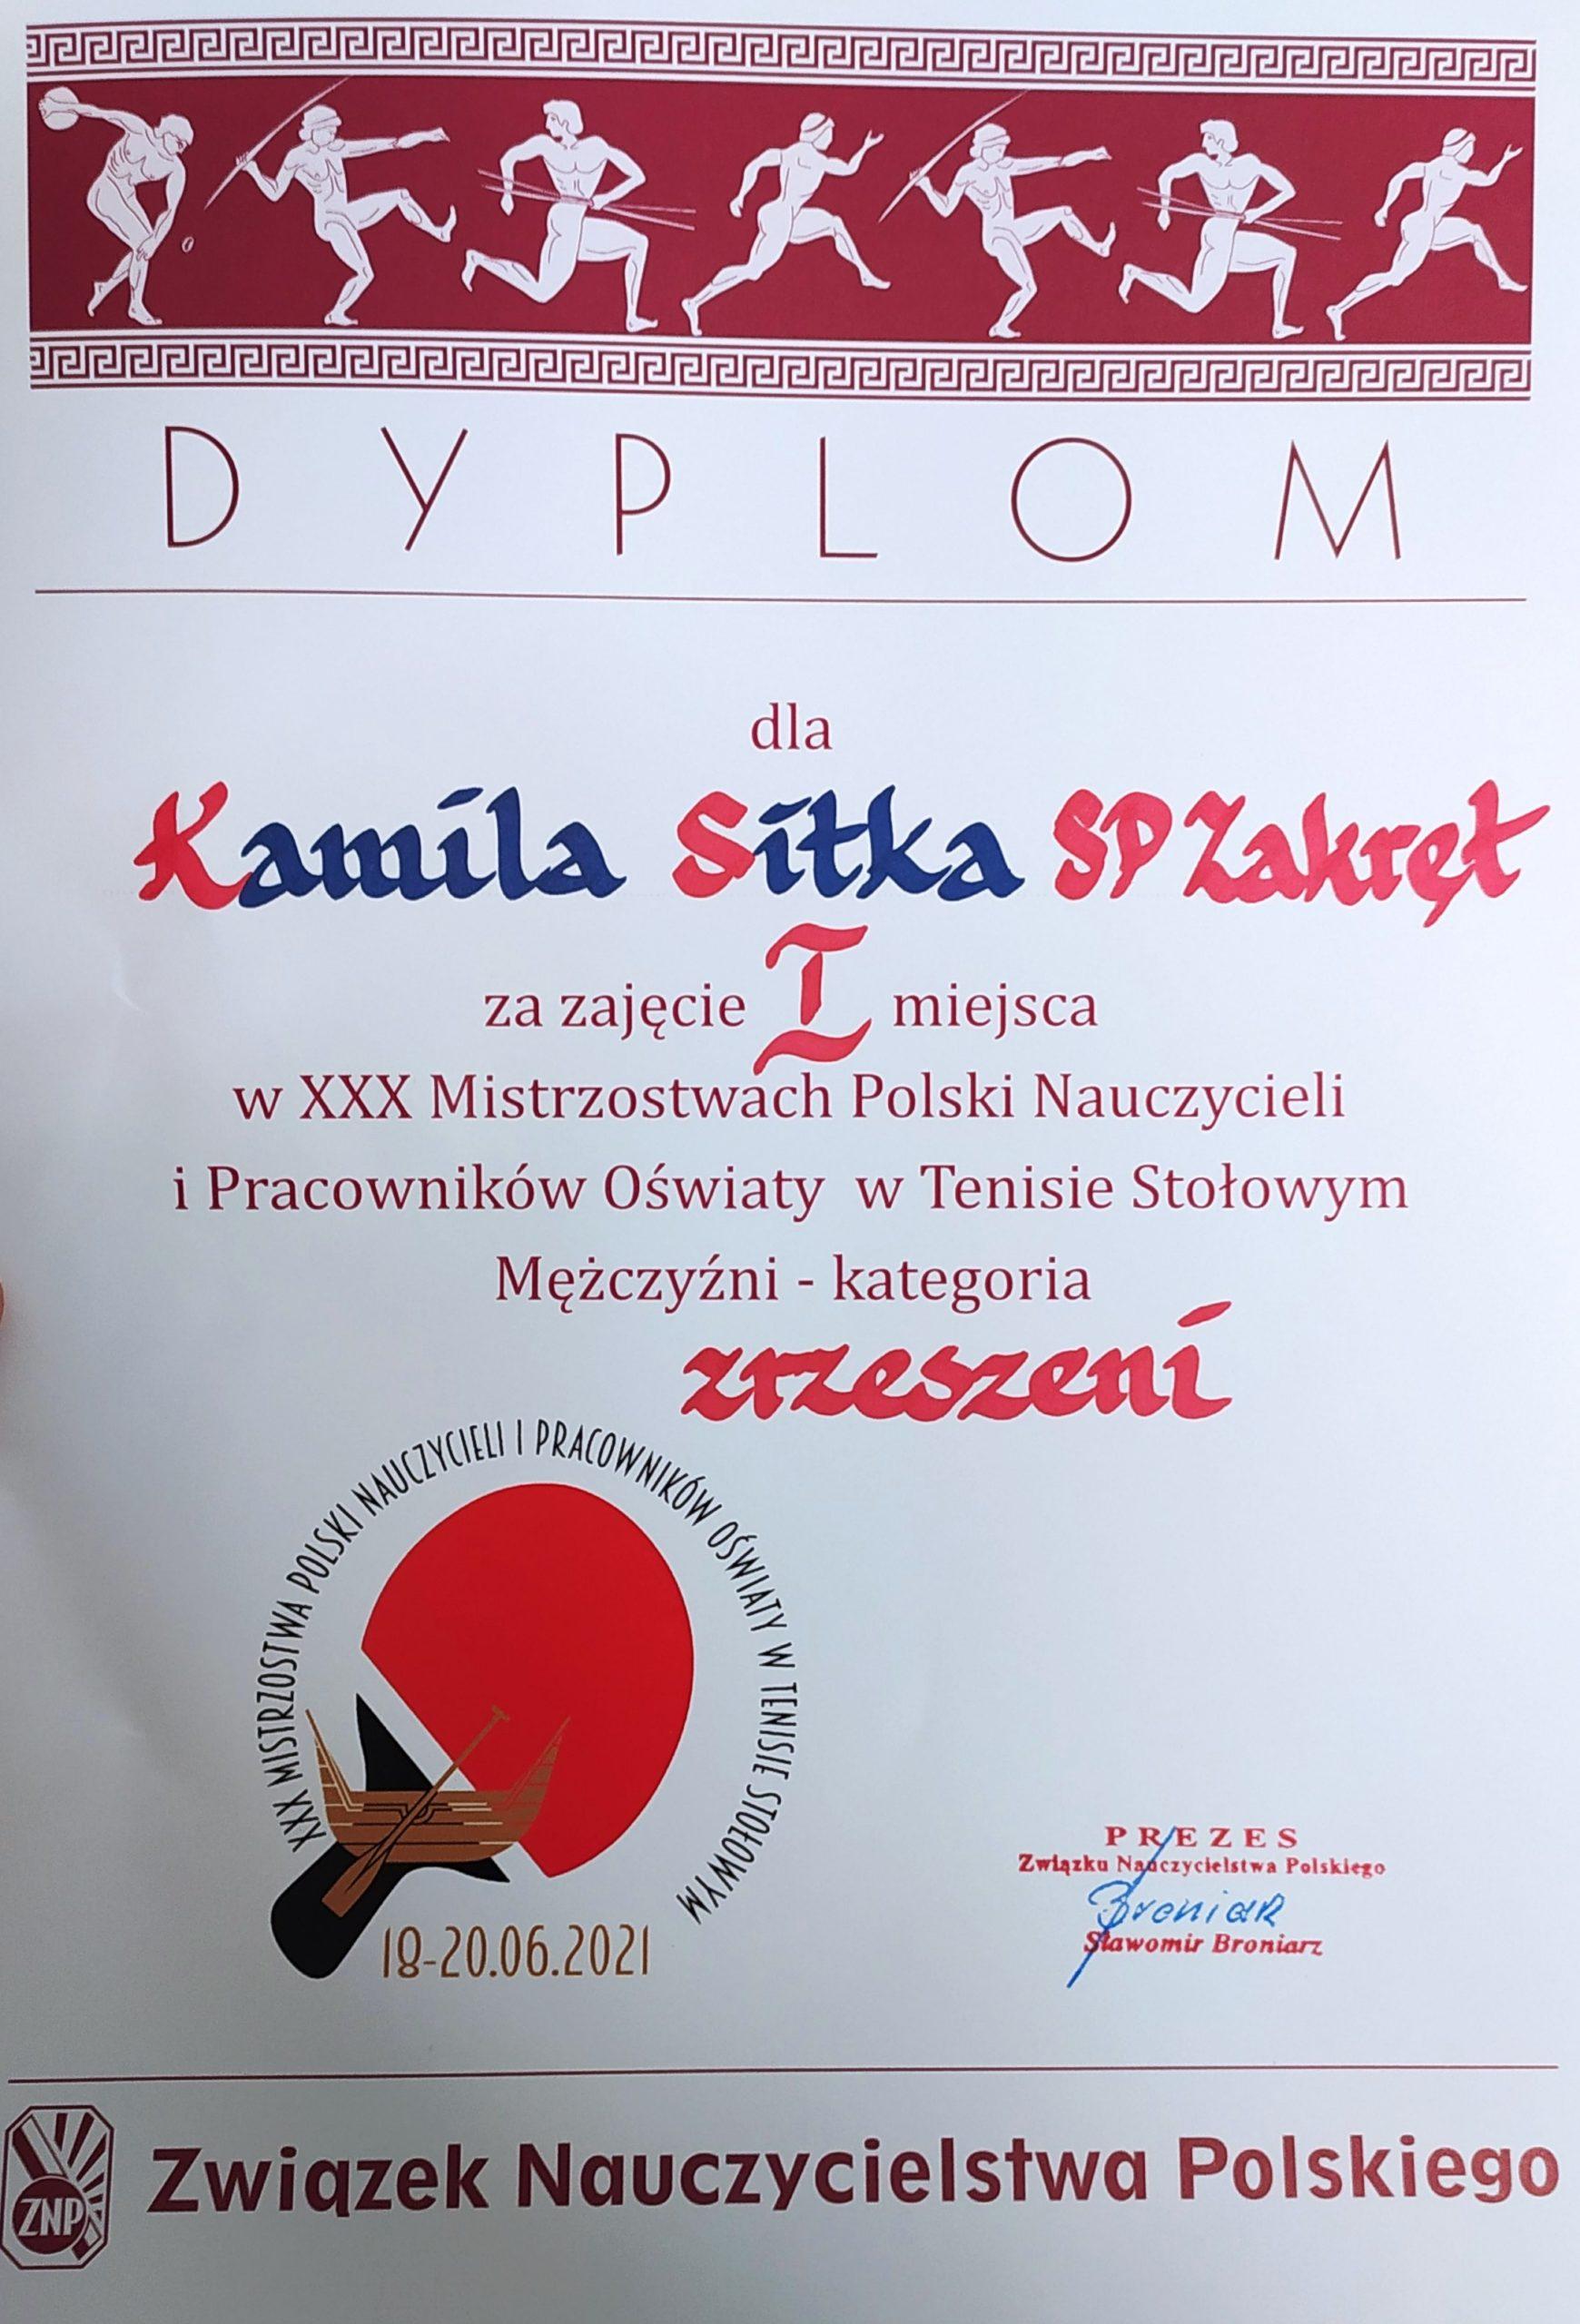 Dyplom dla trenera Kamila Sitka za zdobycie I miejsca w Mistrzostwach Polski w tenisie stołowym